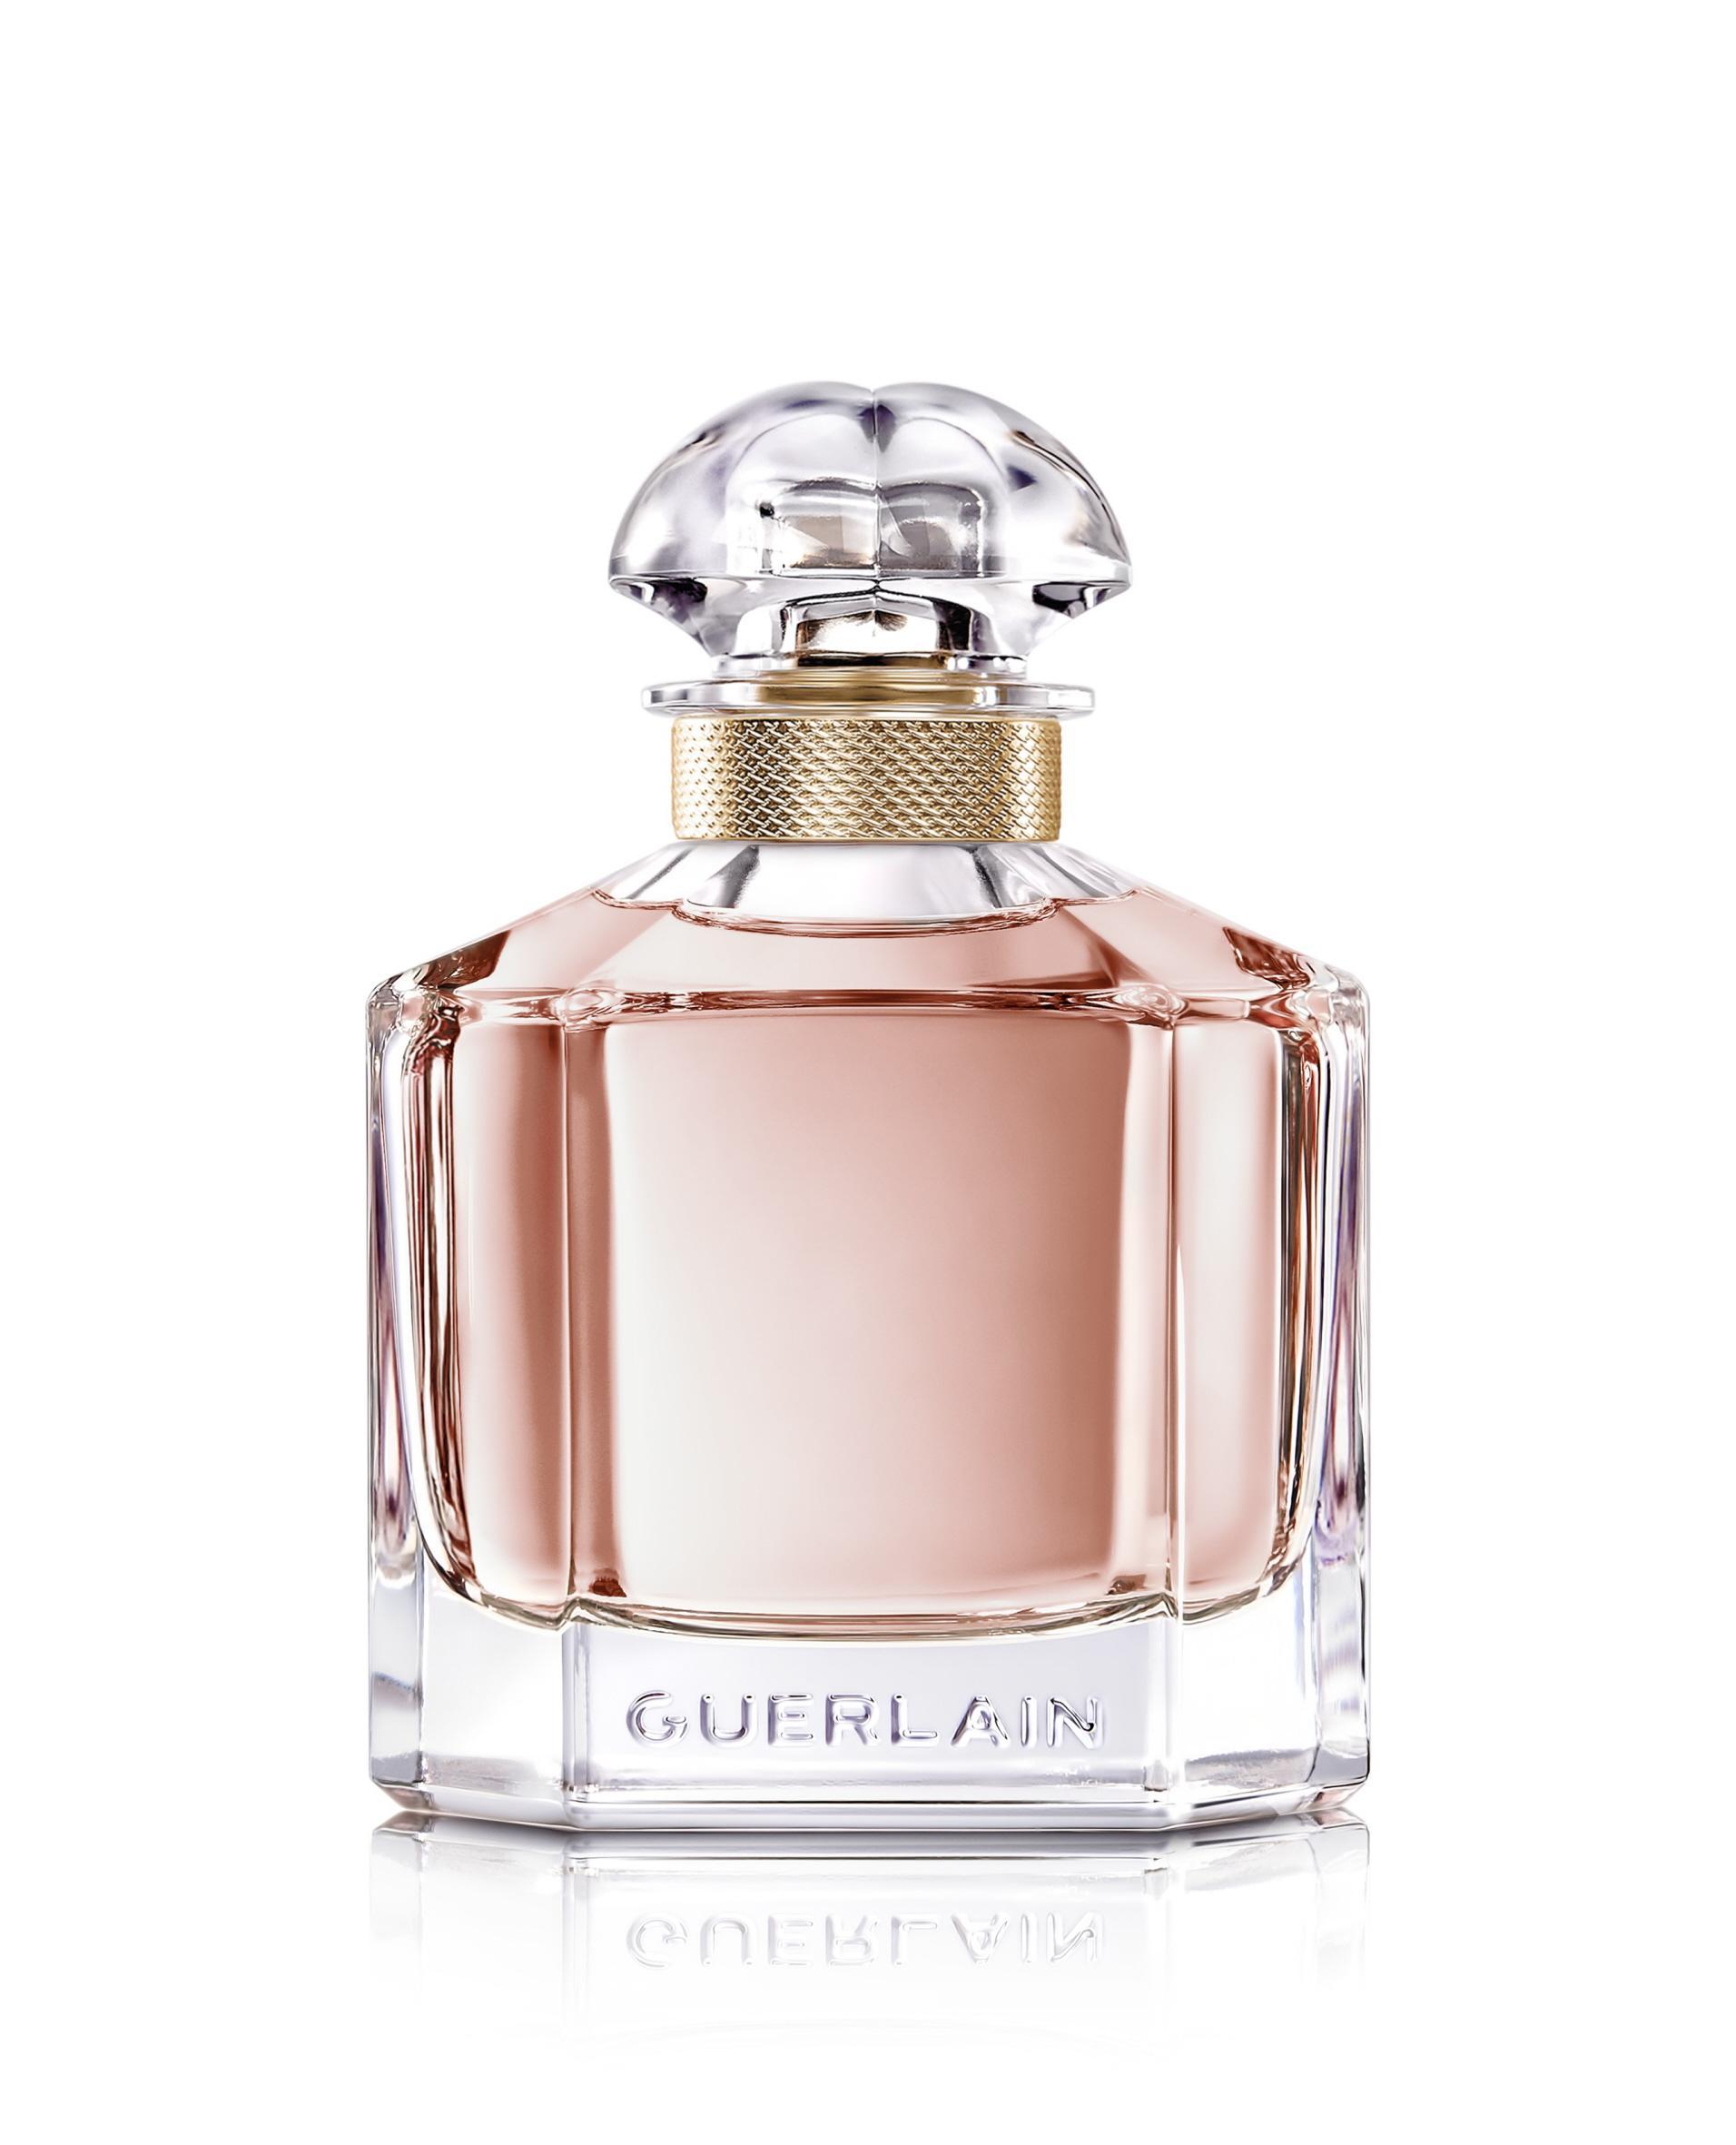 RêvesGael Le be Trouver Vos Comment De Parfum zpUVSM